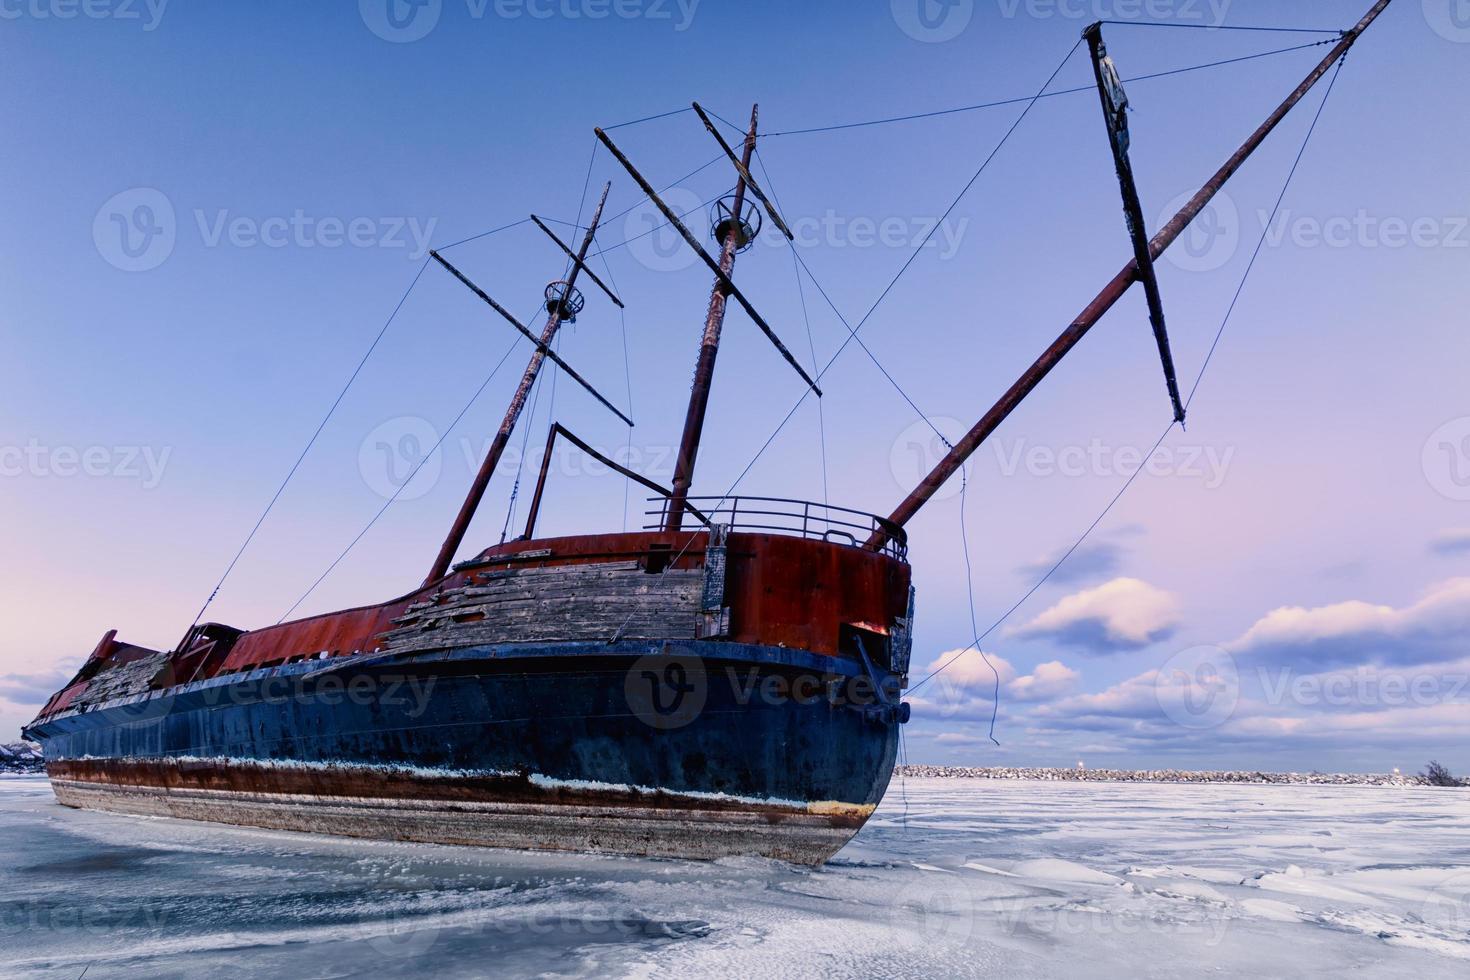 vinterlandskap med skeppsbrott. foto